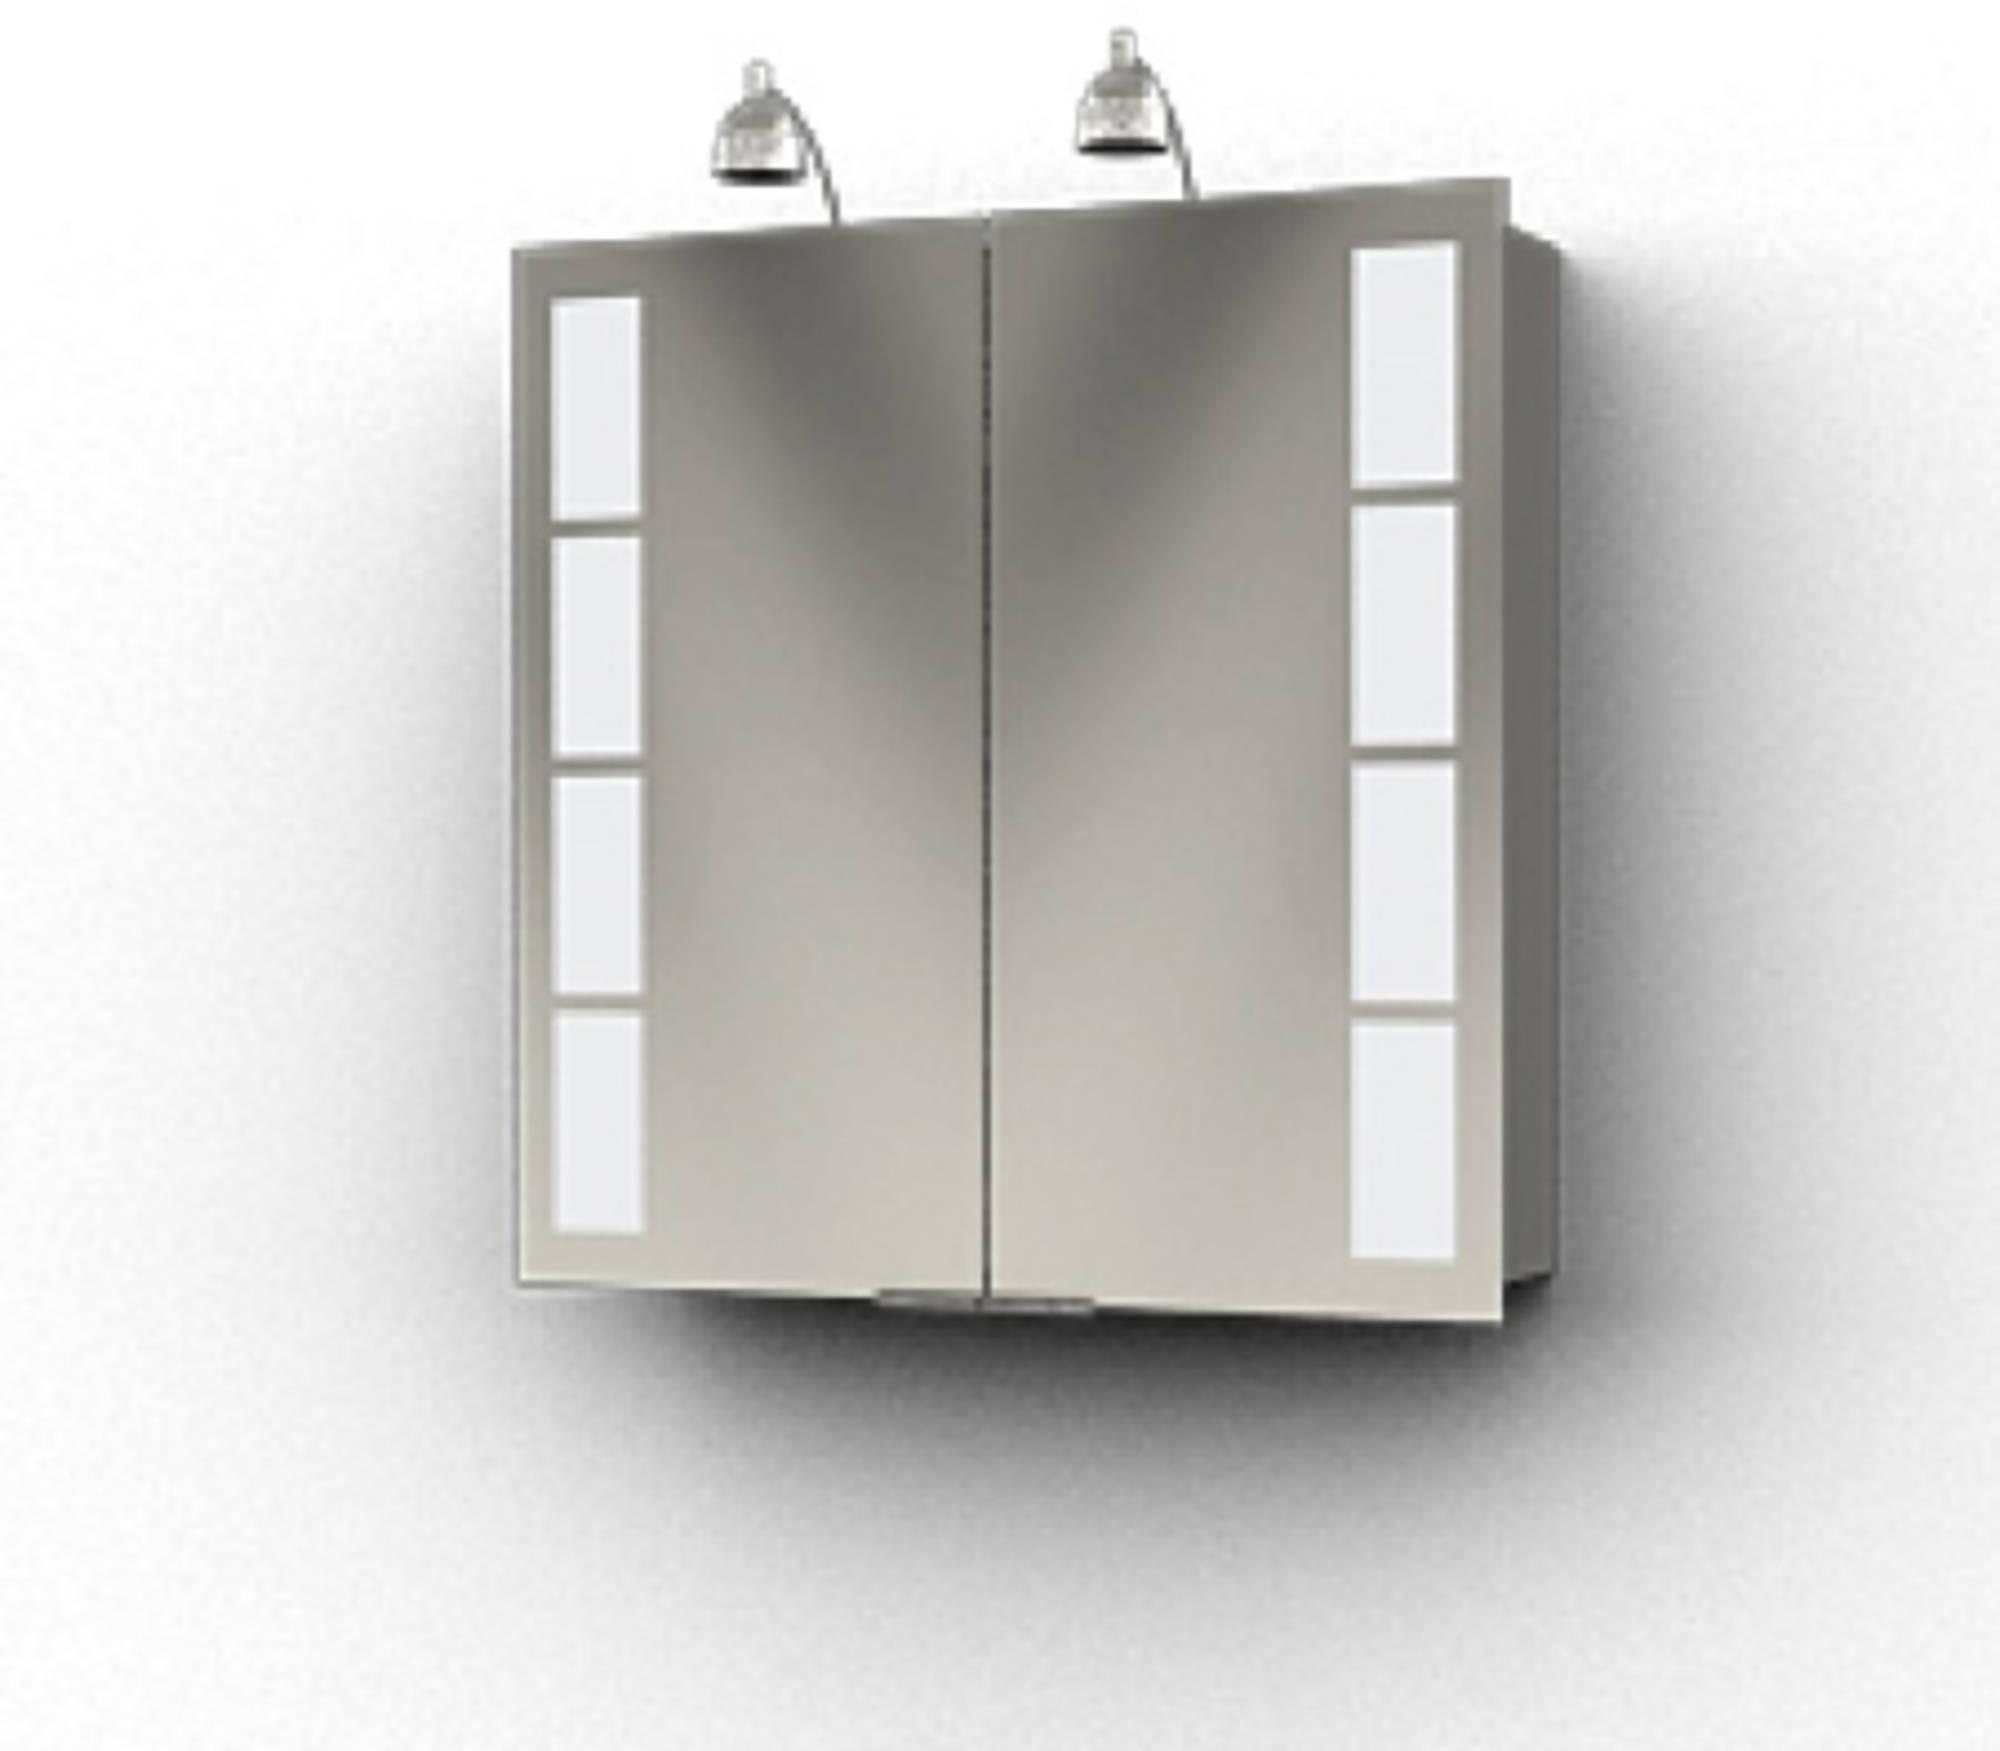 Ben Magno Spiegelkast Aluminium 75cm met 2 spotjes